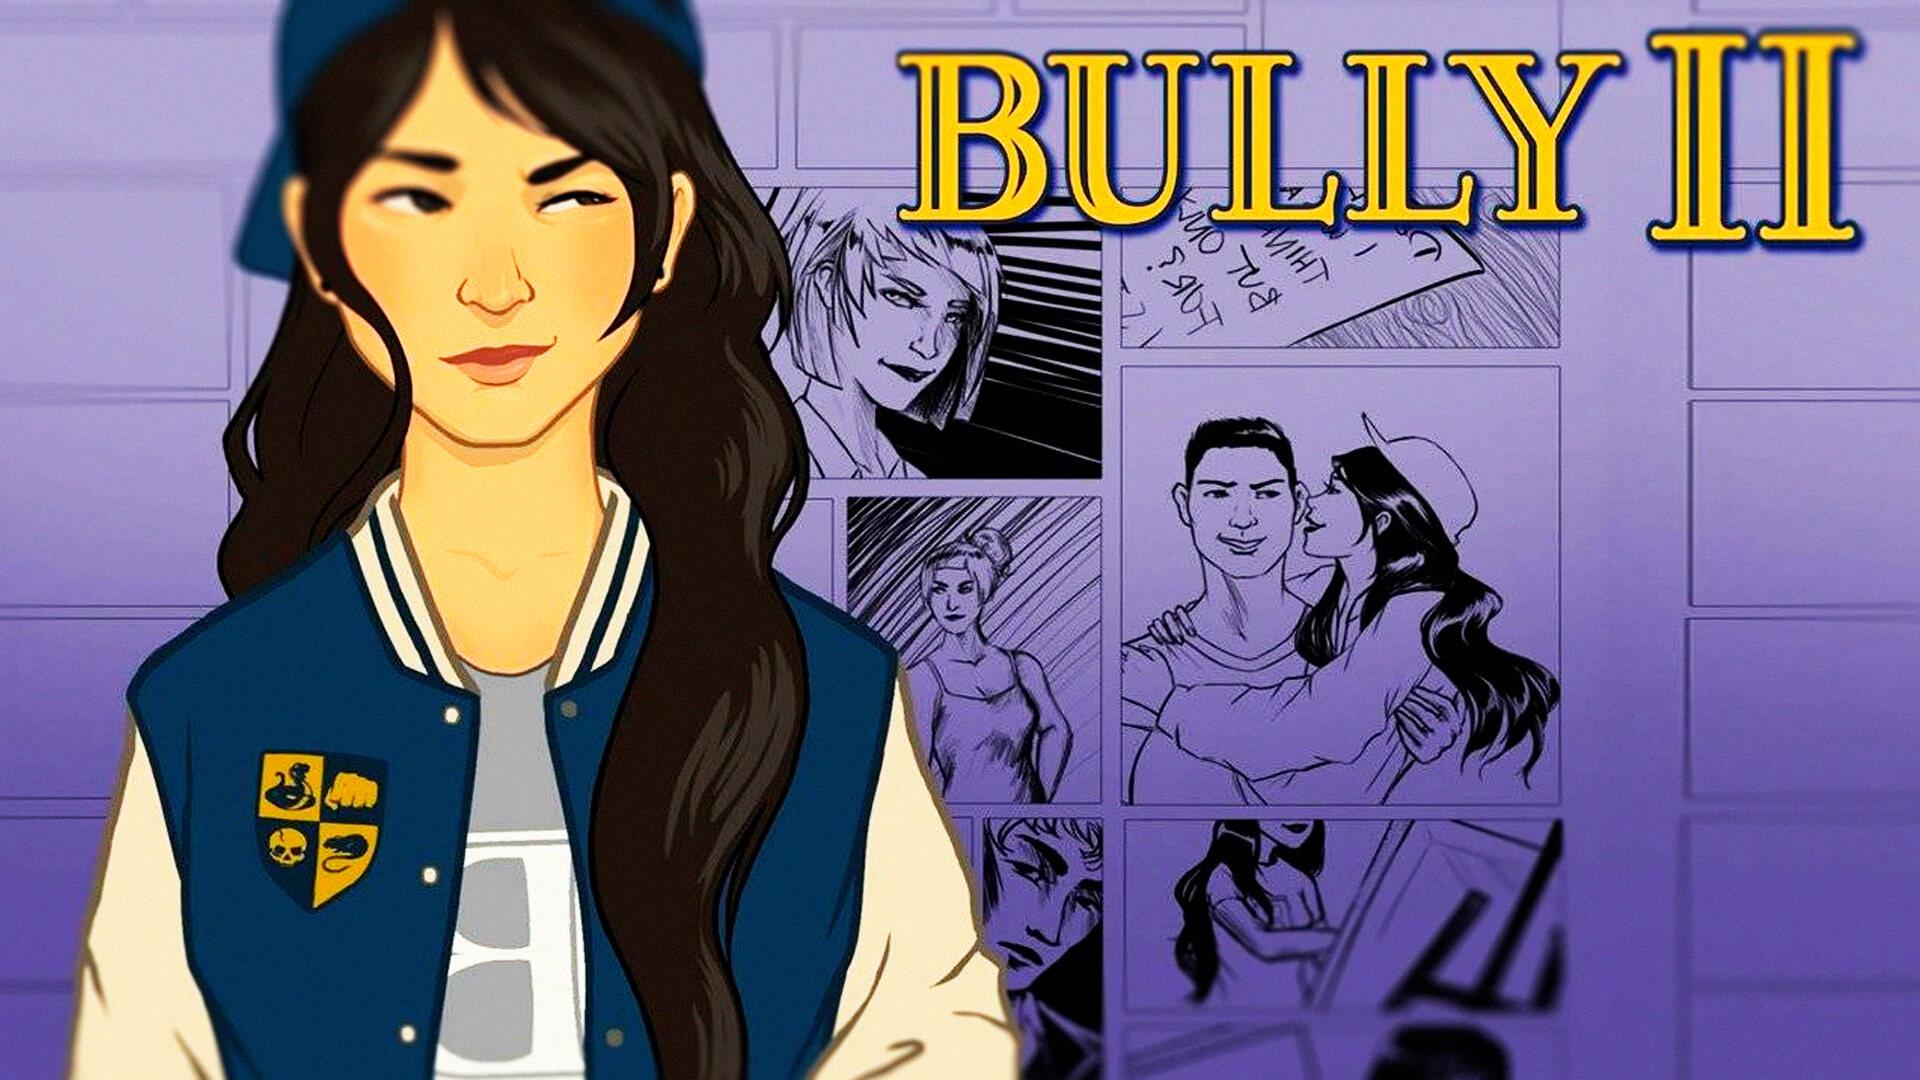 Bully 2 é um dos jogos mais esperados pelos fãs da Rockstar Games e até mesmo as lojas querem vender o game antes do seu anúncio oficial.